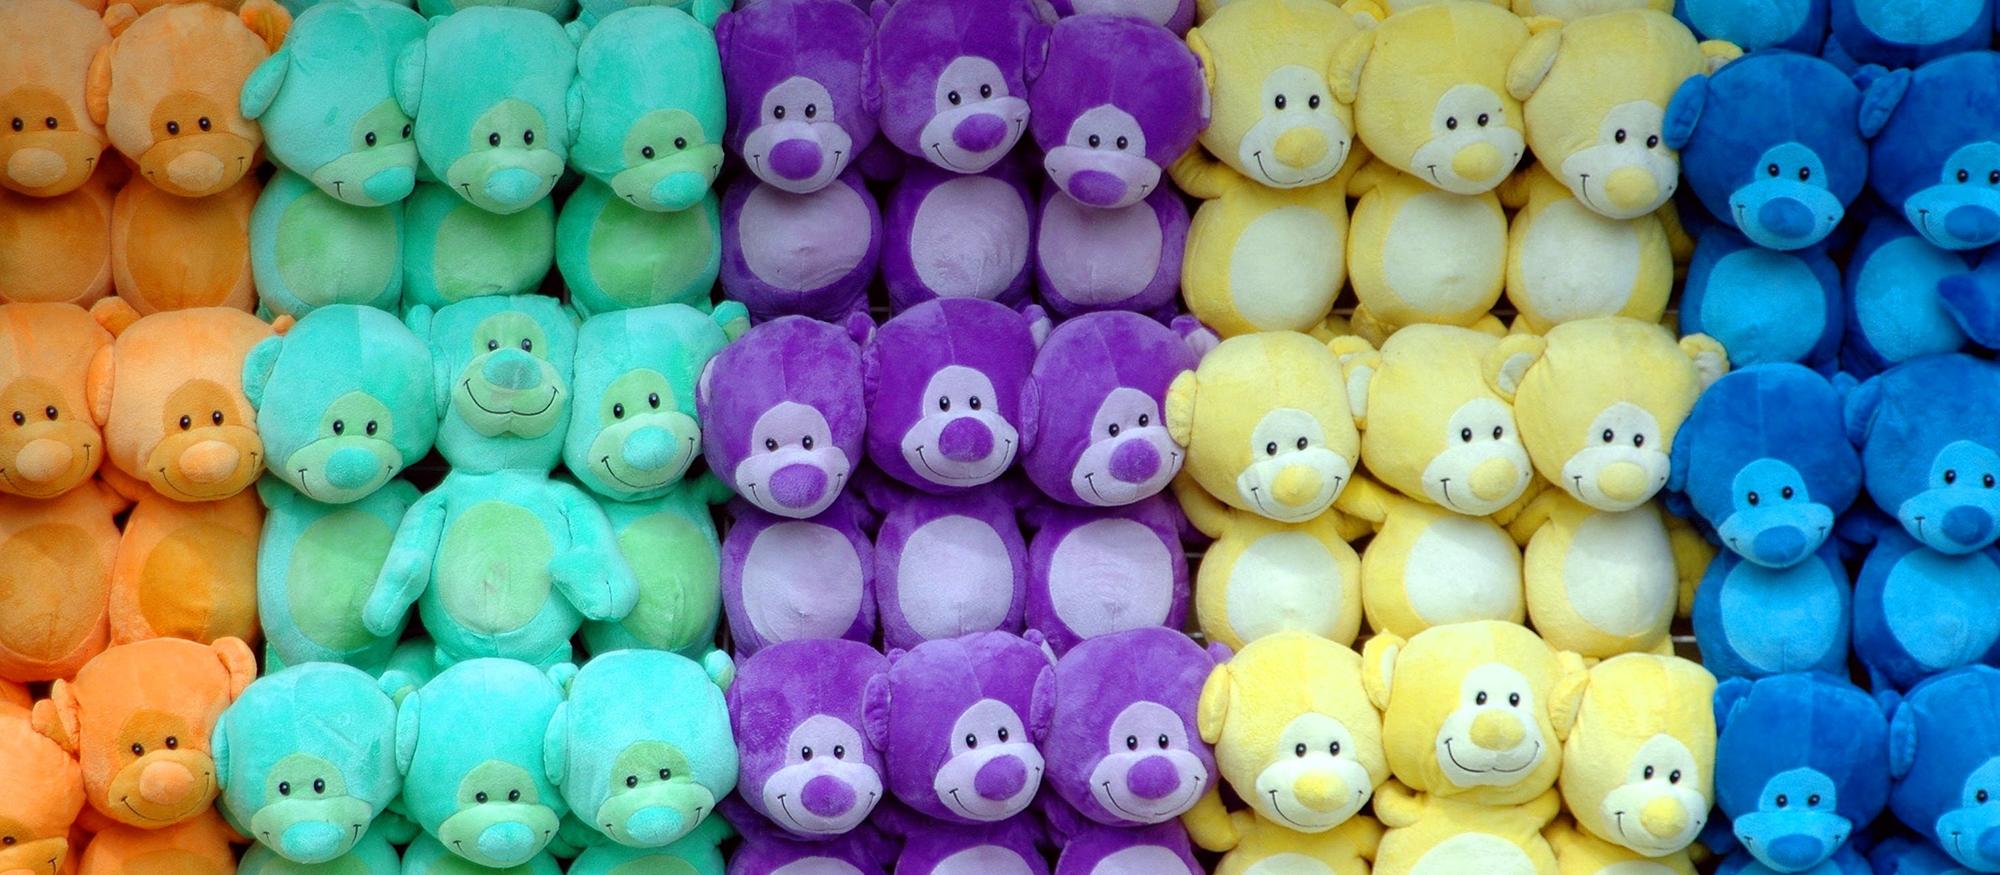 teddybear group